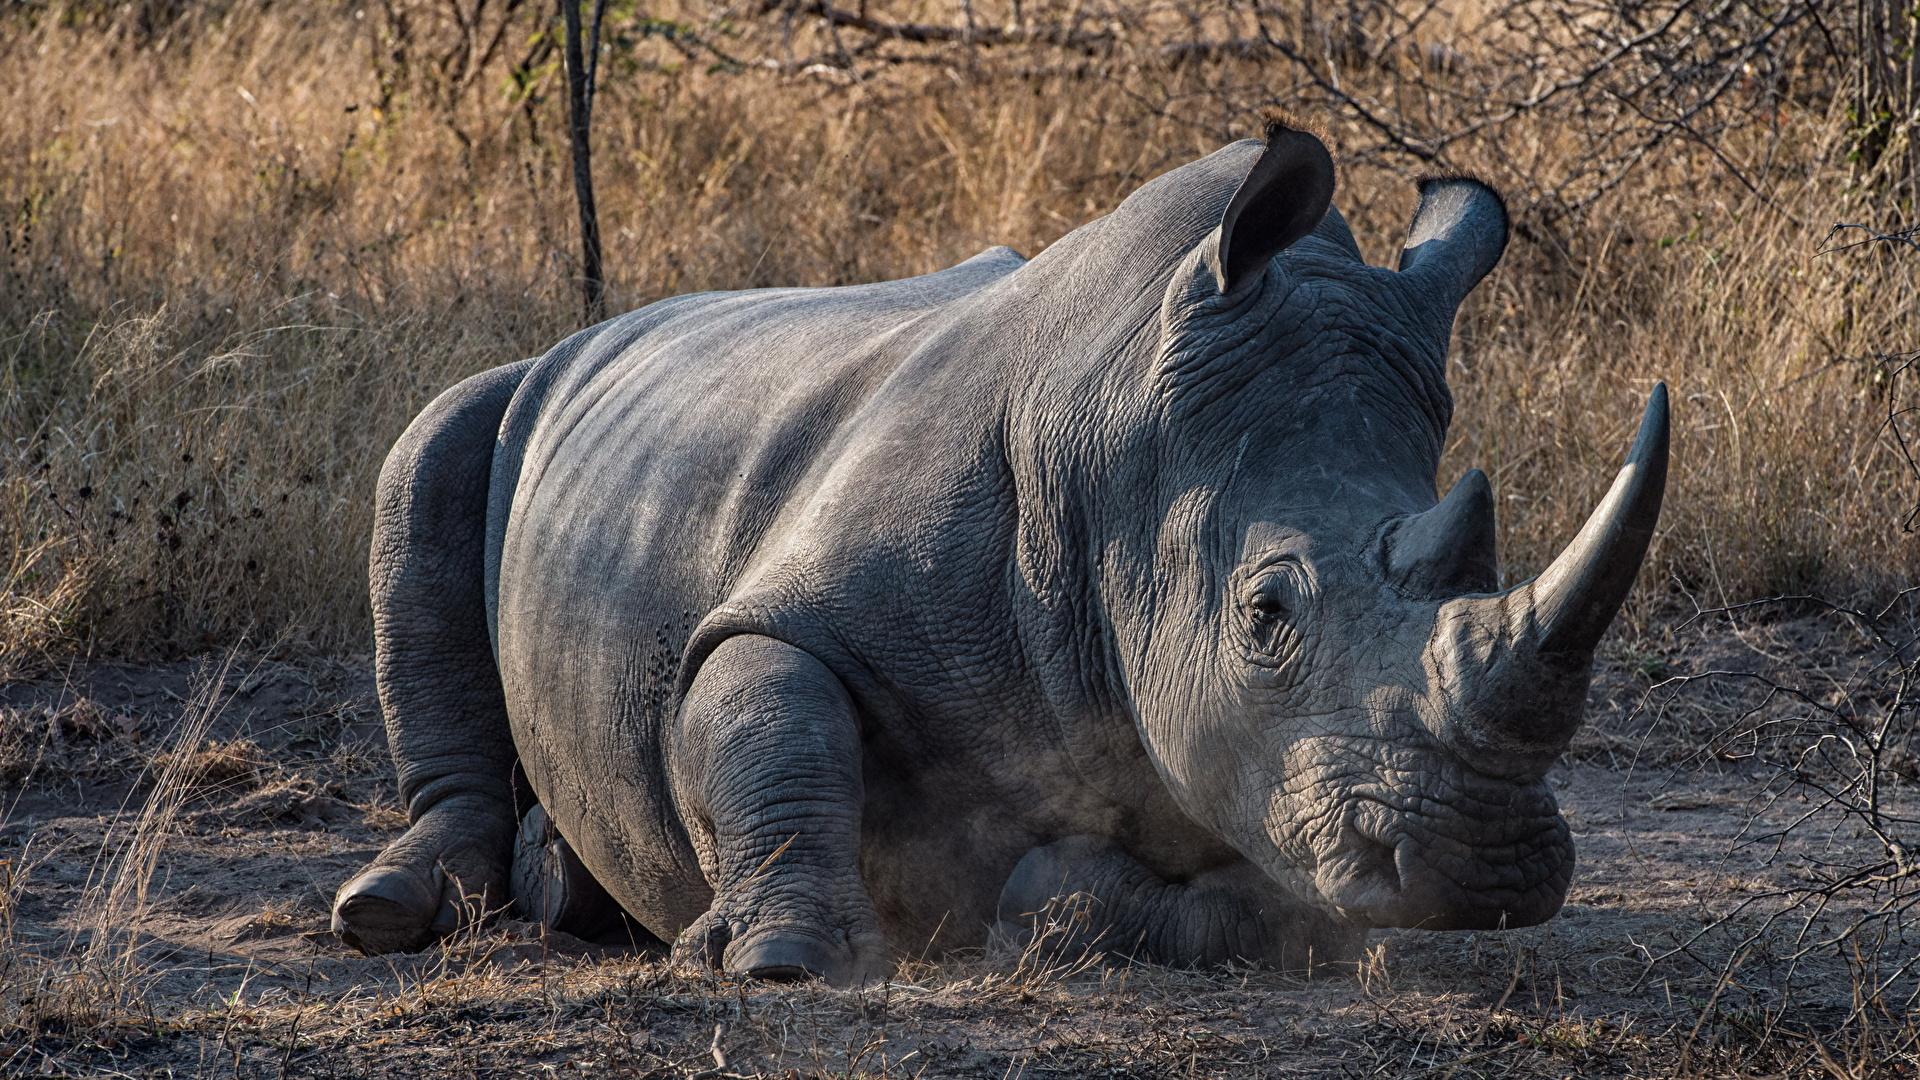 Обои носороги. Животные foto 11